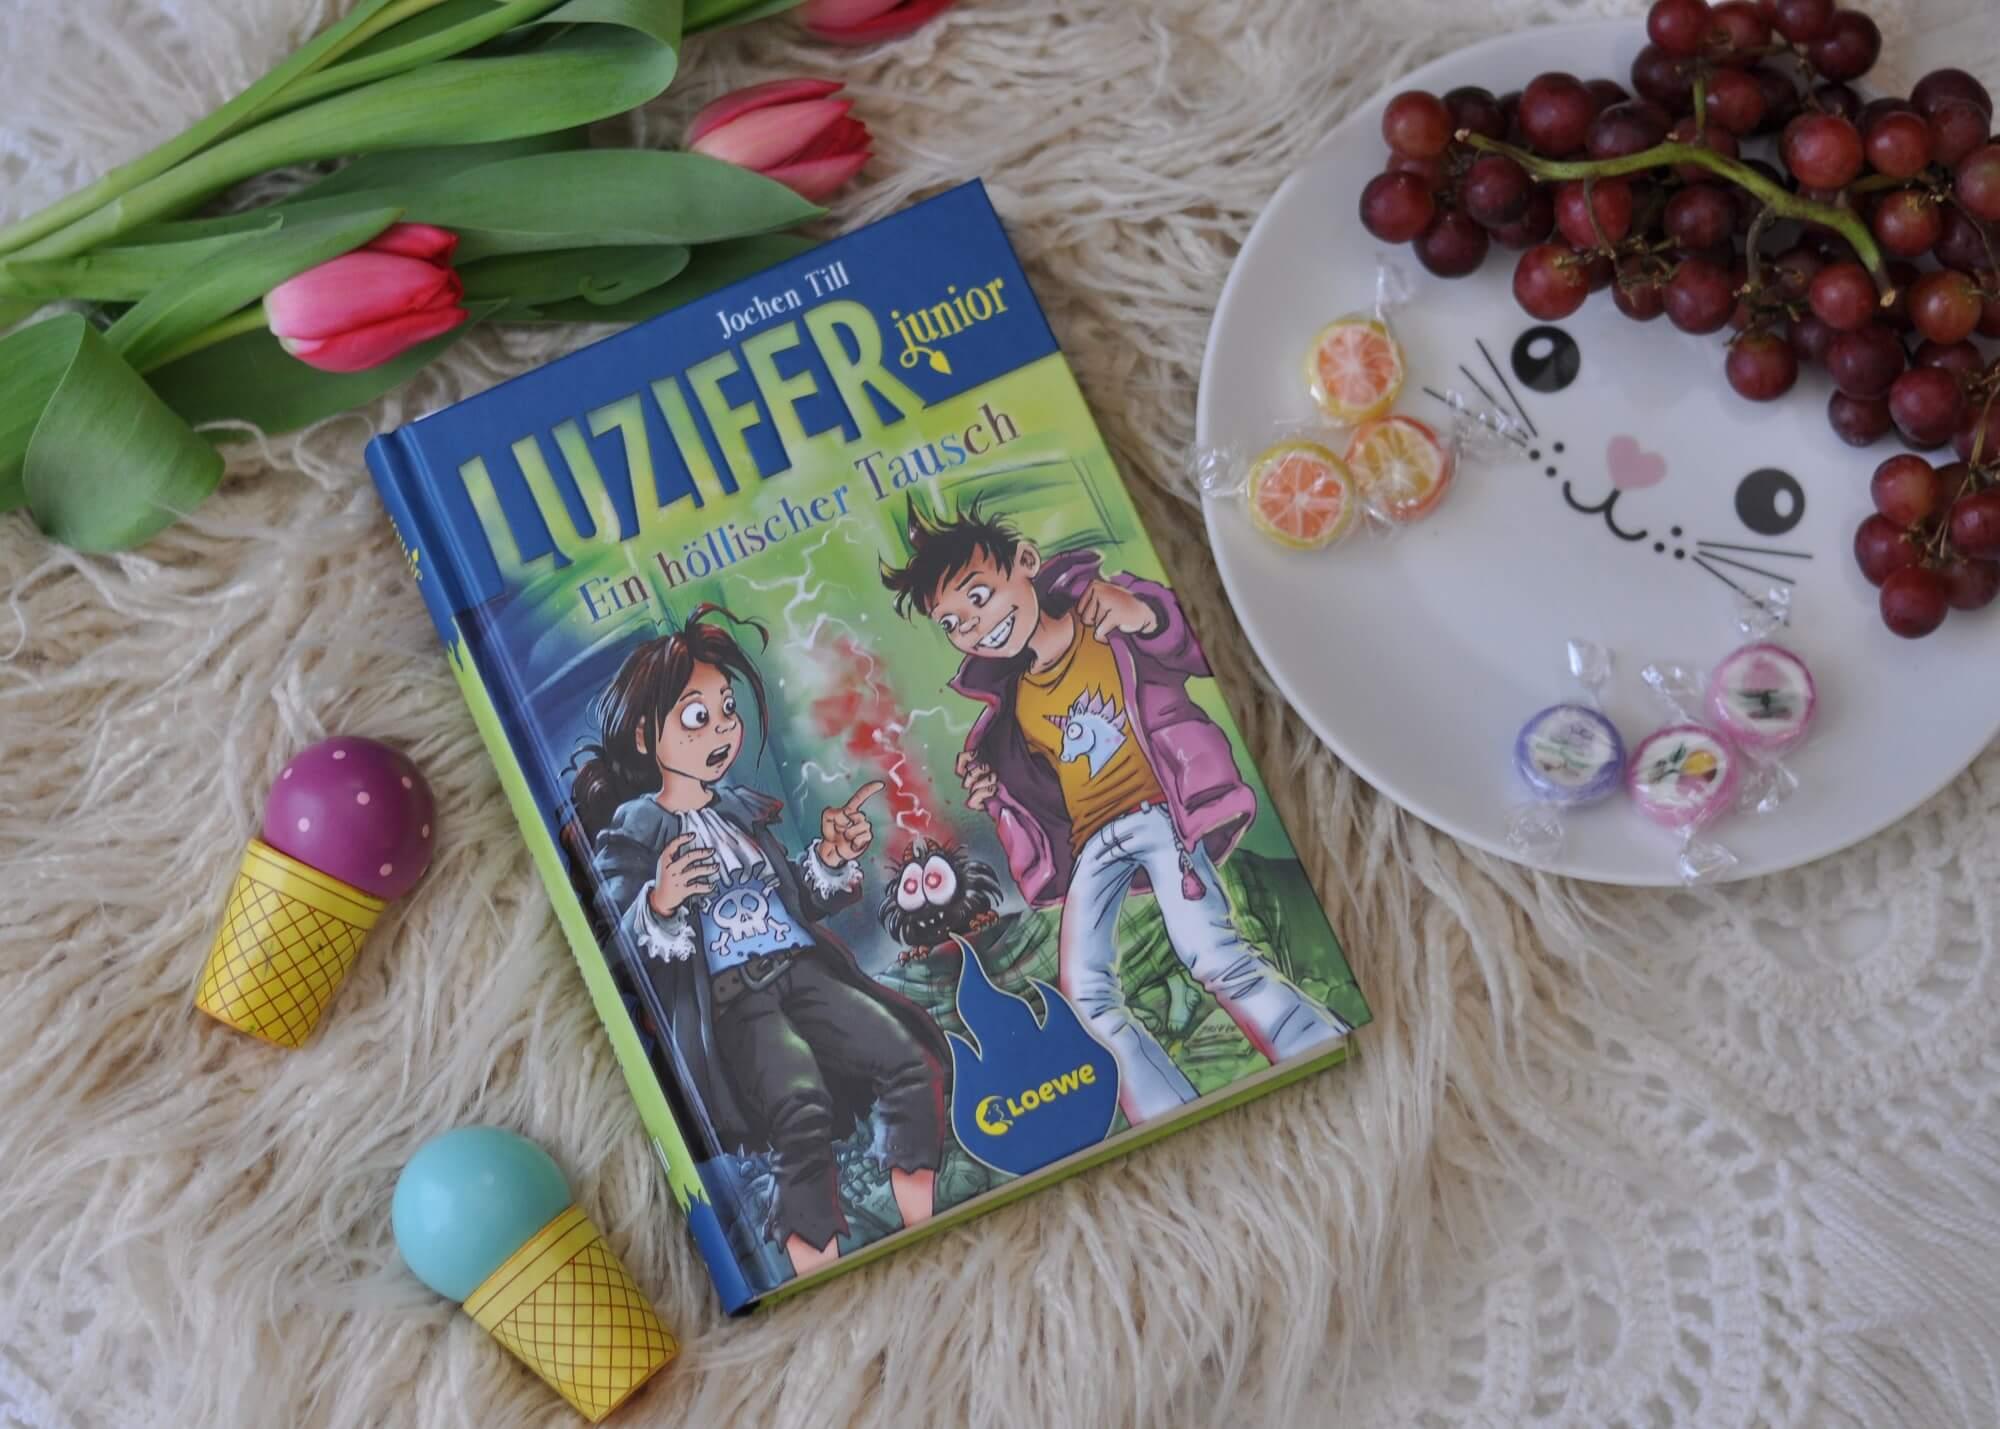 Im 5. Band der Luzifer junior Reihe geht es um Mobbing, Geschwisterstreit, den Unterschied zwischen Jungs und Mädchen und ganz viel Freundschaft. #mobbing #luzifer #lesen #kinderbuch #vorlesen #körpertausch #teufel #comic